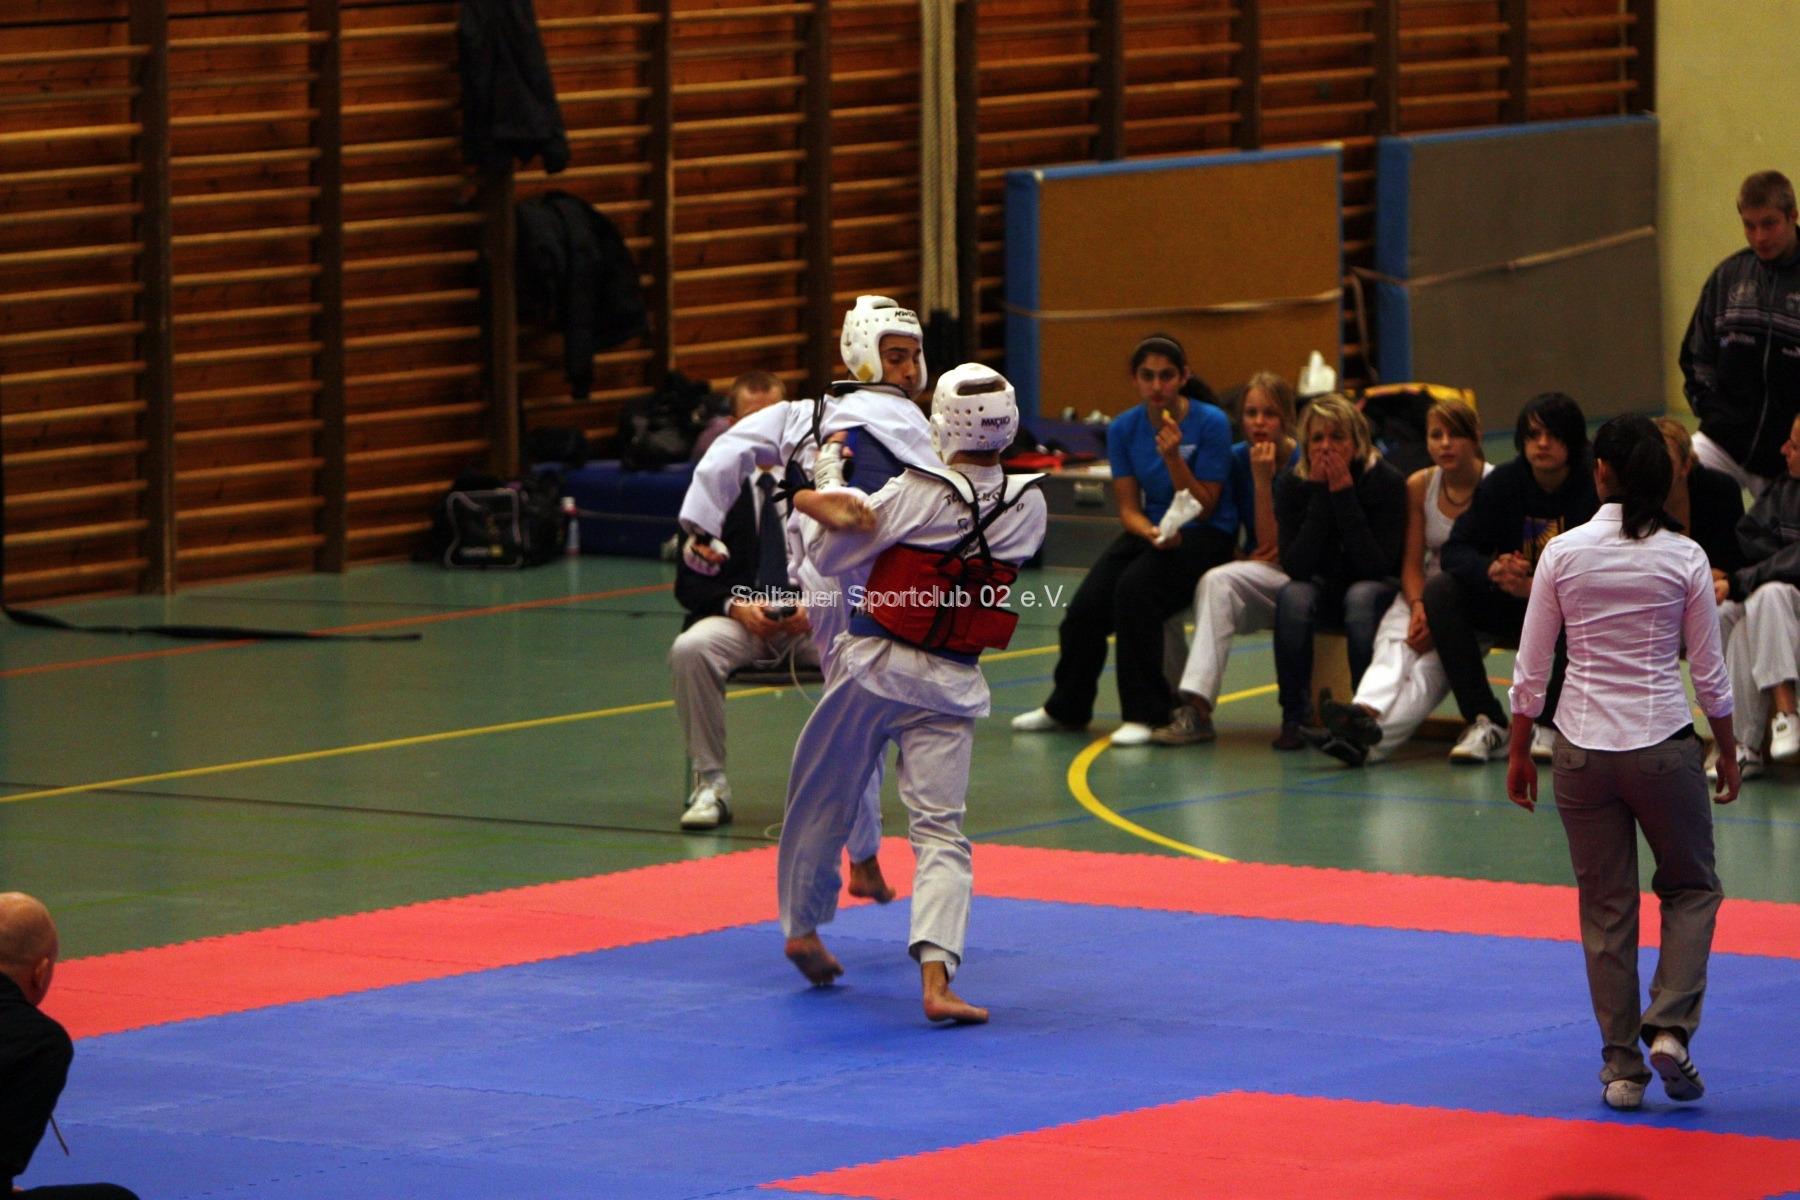 20101127-schleswig-holstein-cup-kaltenkirchen-027